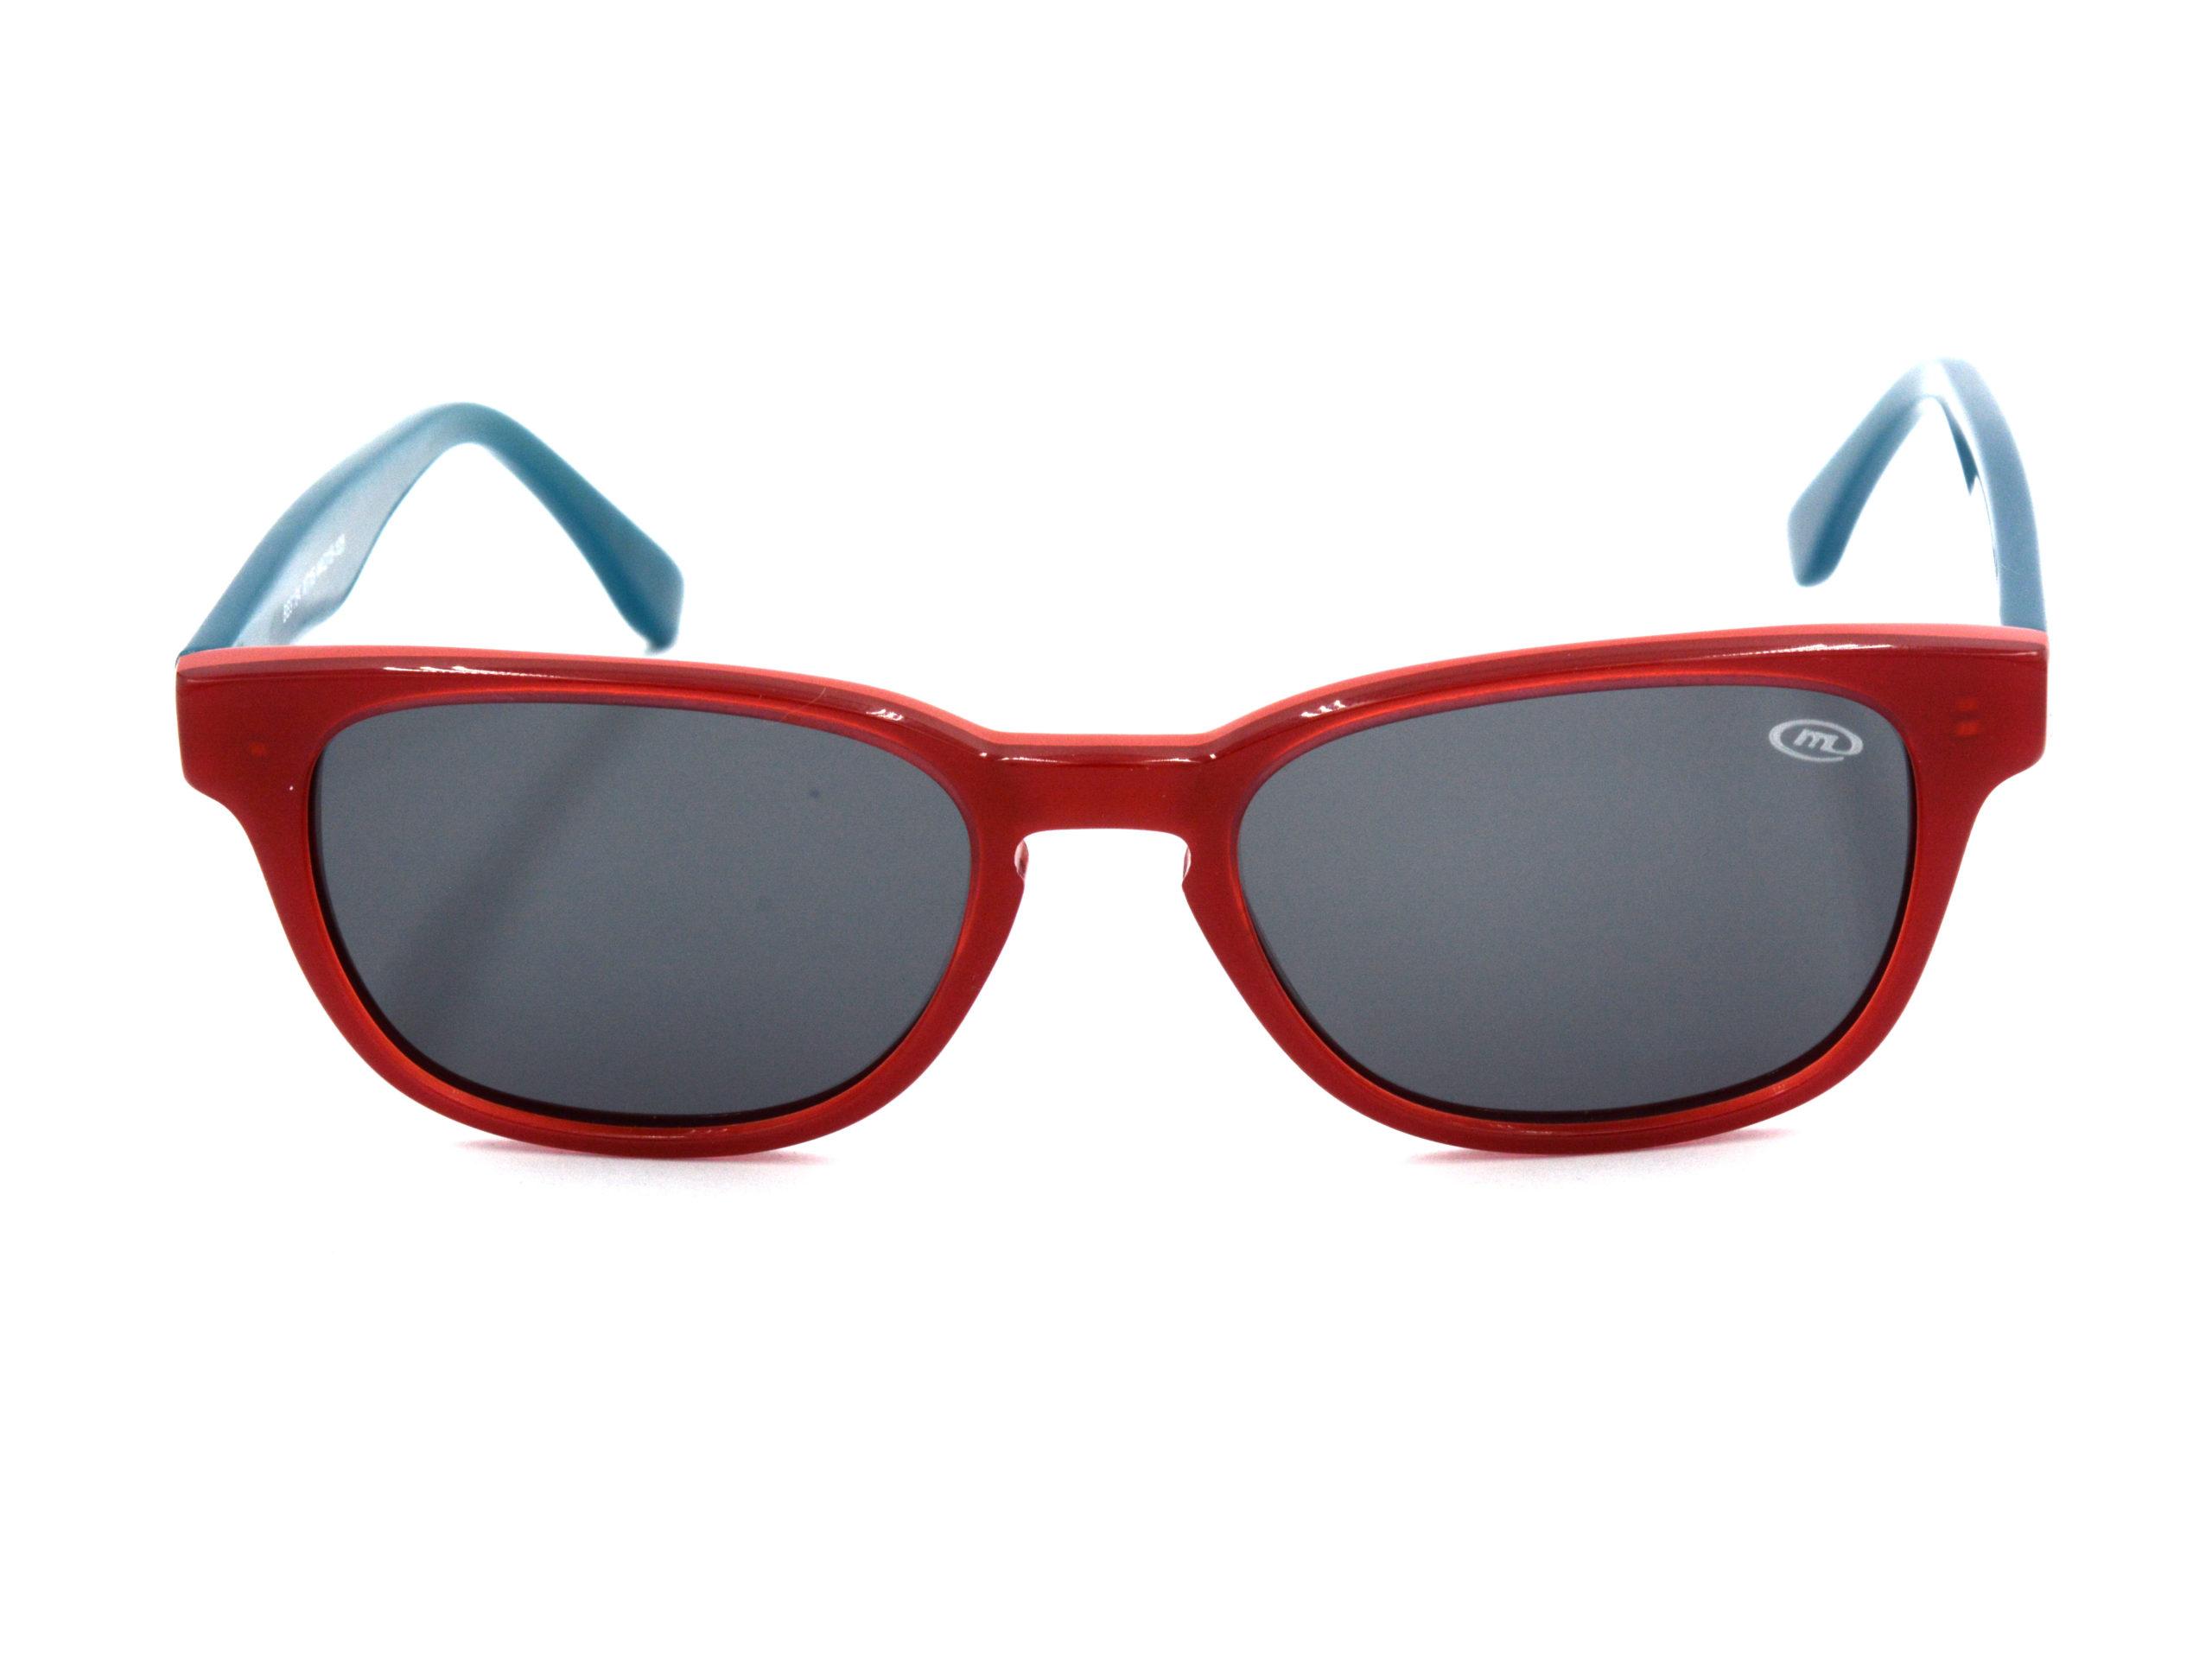 Γυαλιά ηλίου MORITZ BB9184 XT15 44-15-125 Πειραιάς